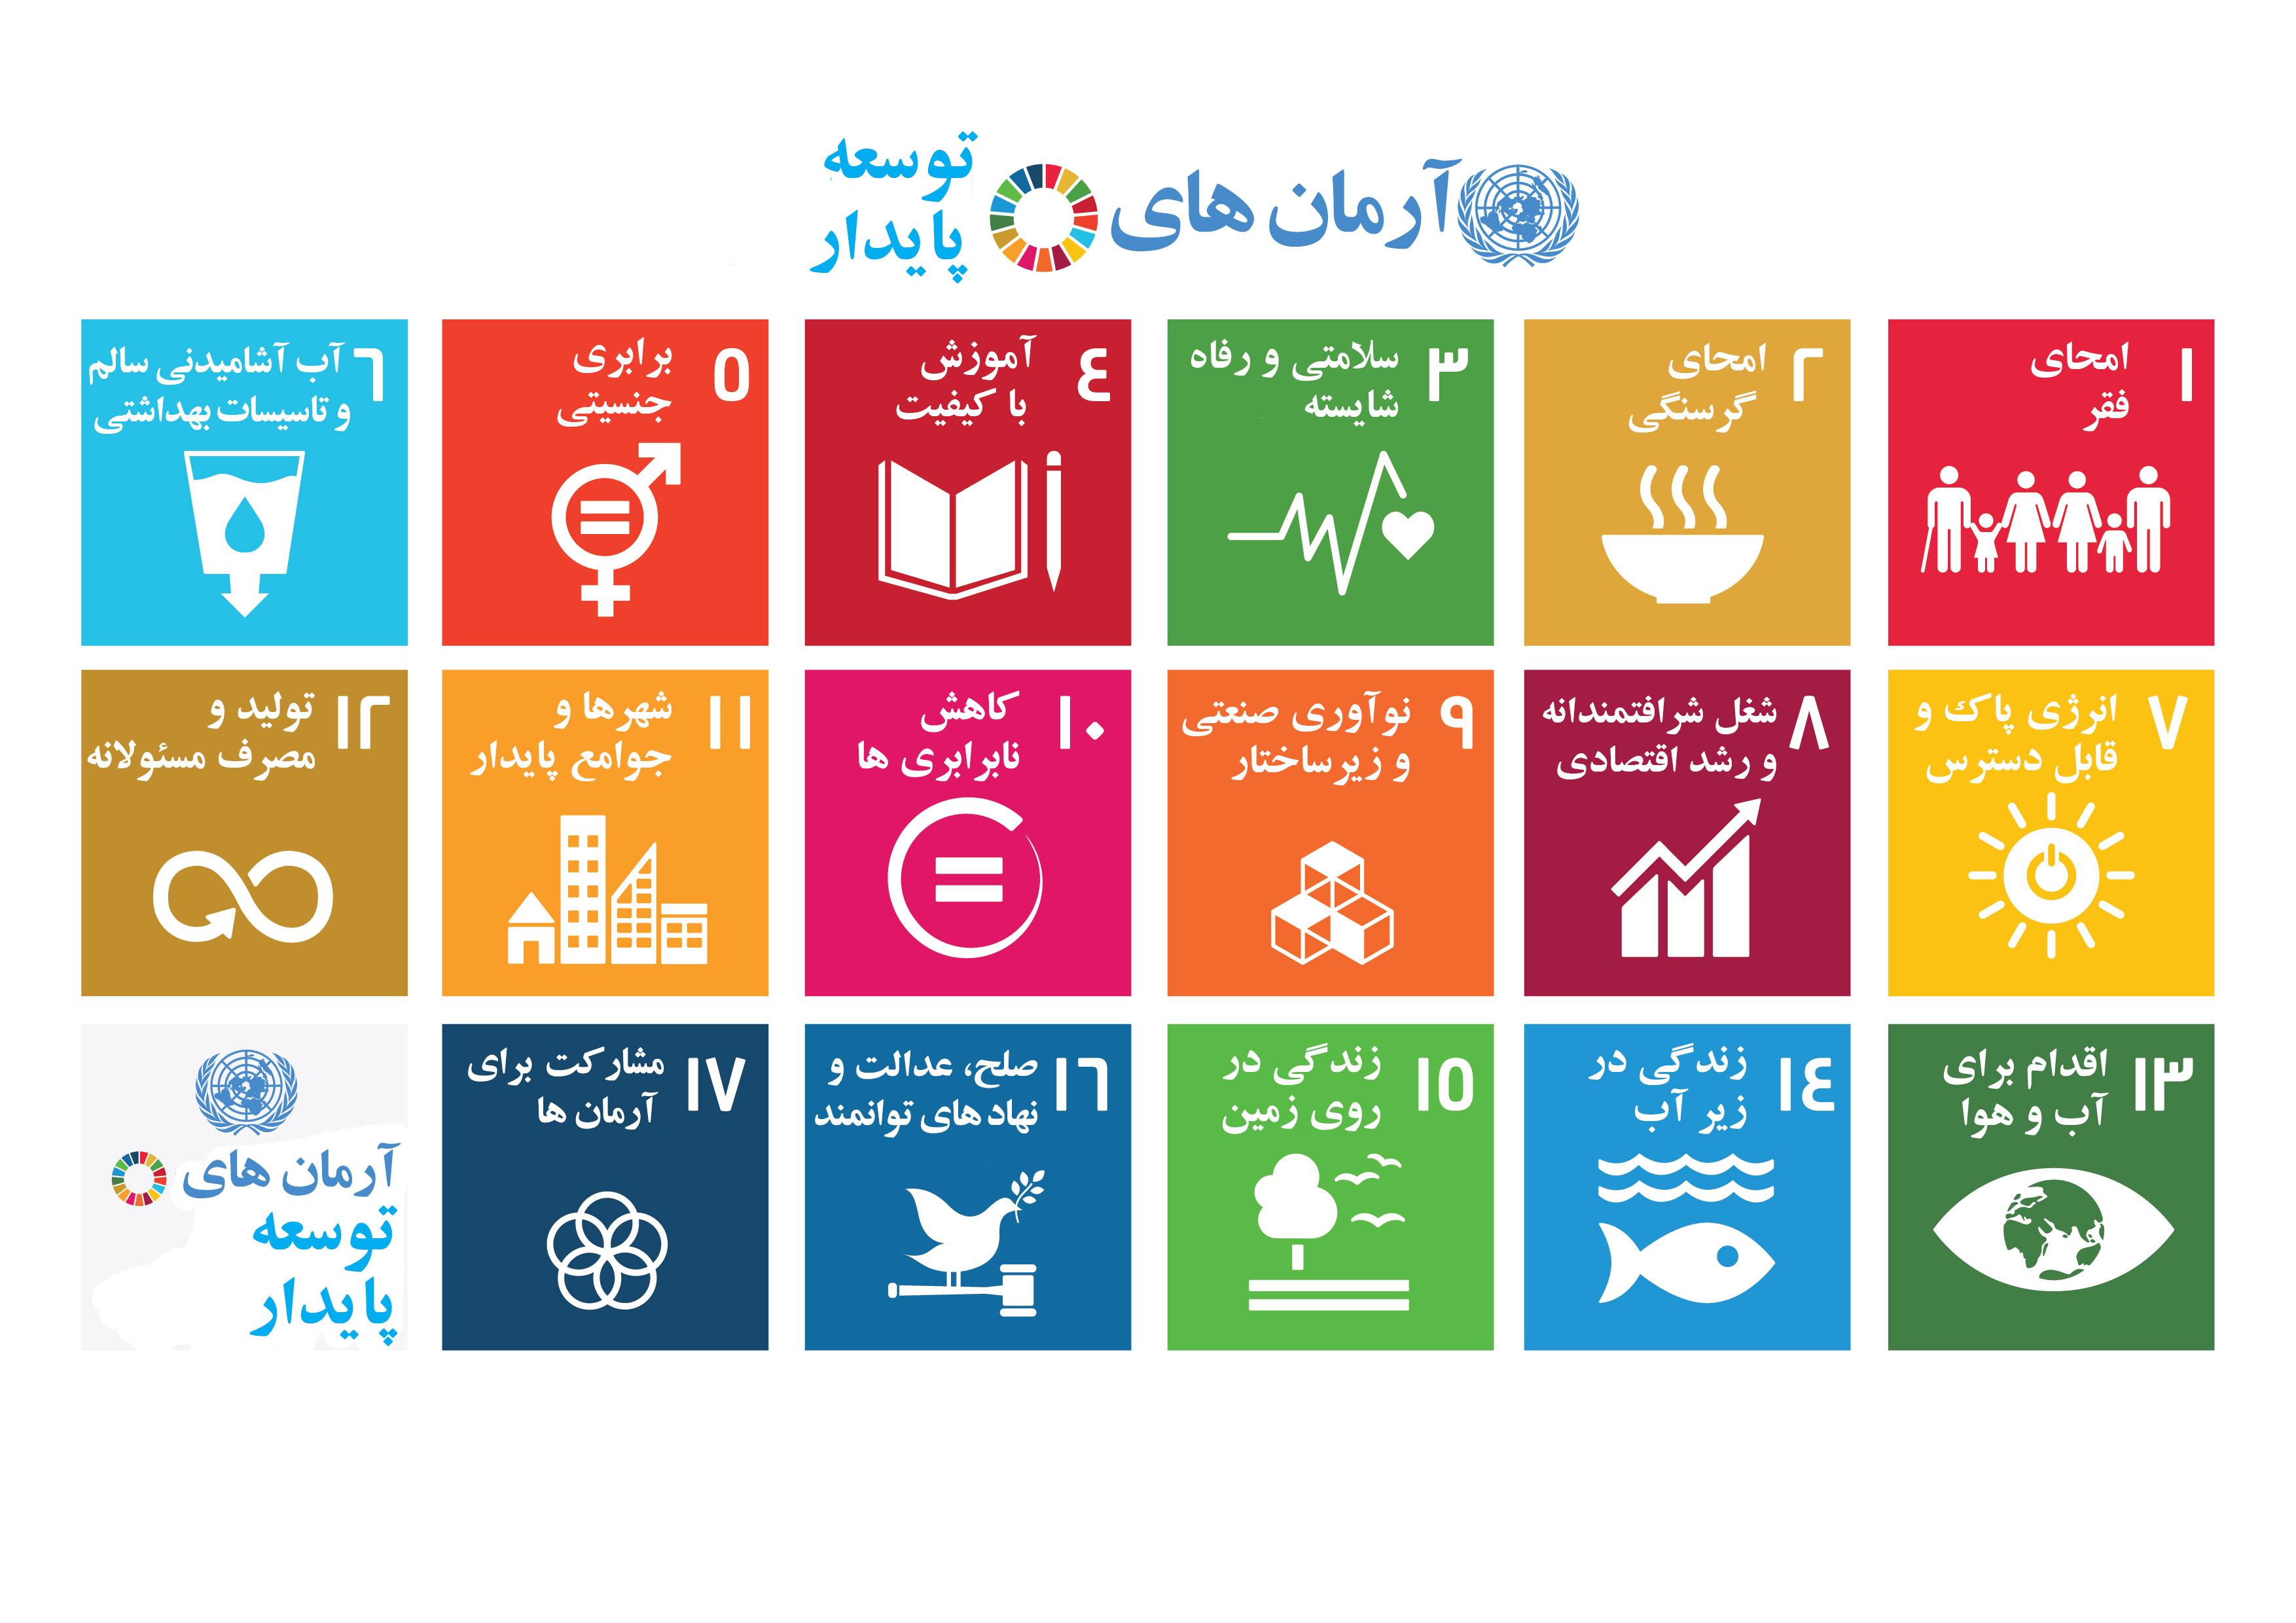 اهداف توسعه پایدار ( 2015-2030) • دارچین